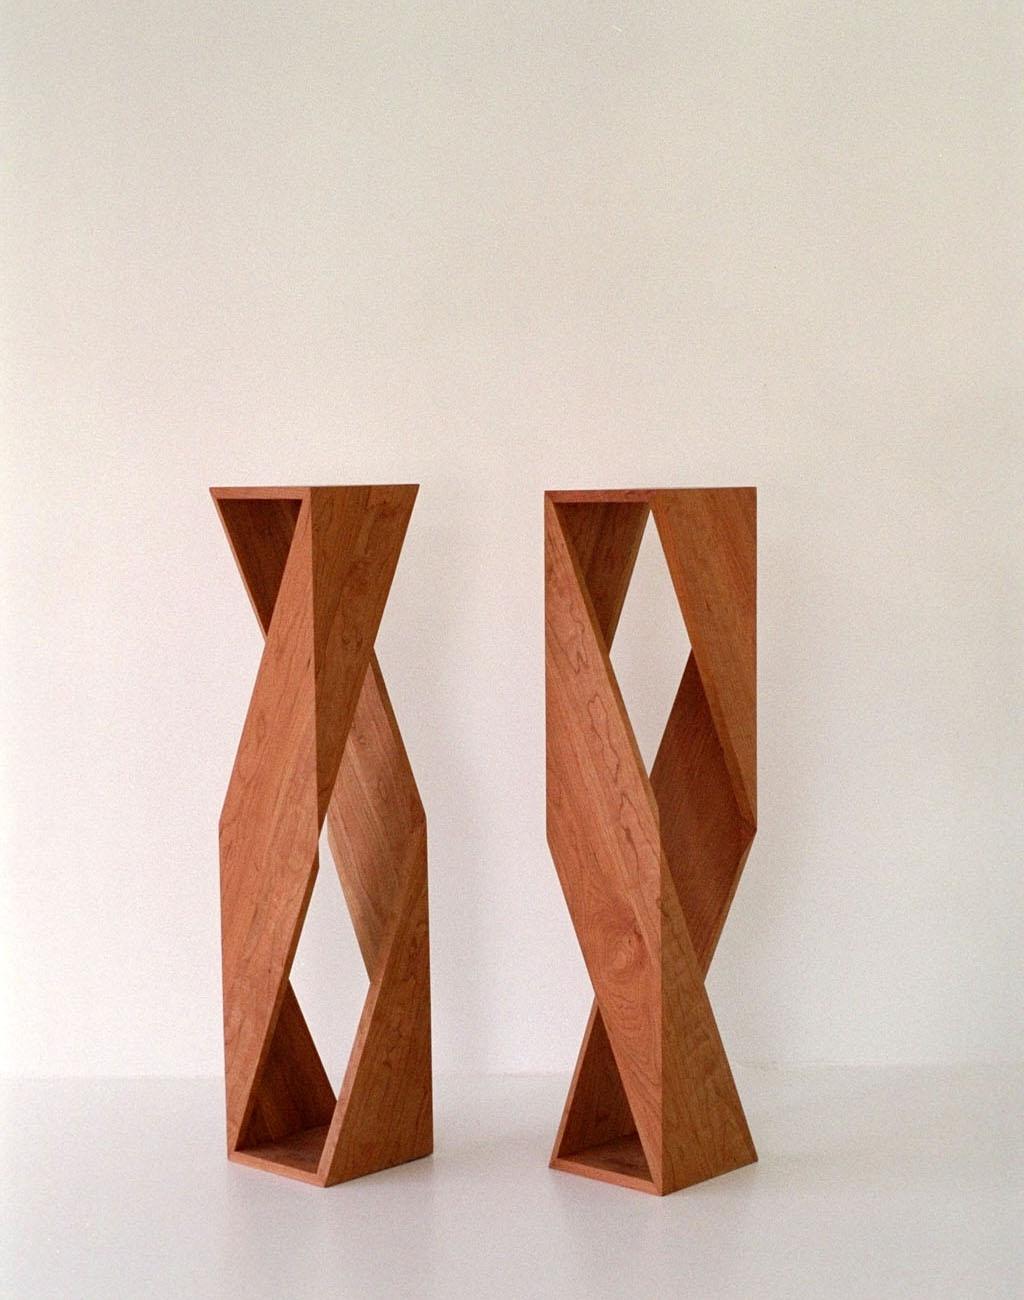 Säulen aus Massivholz nebeneinander